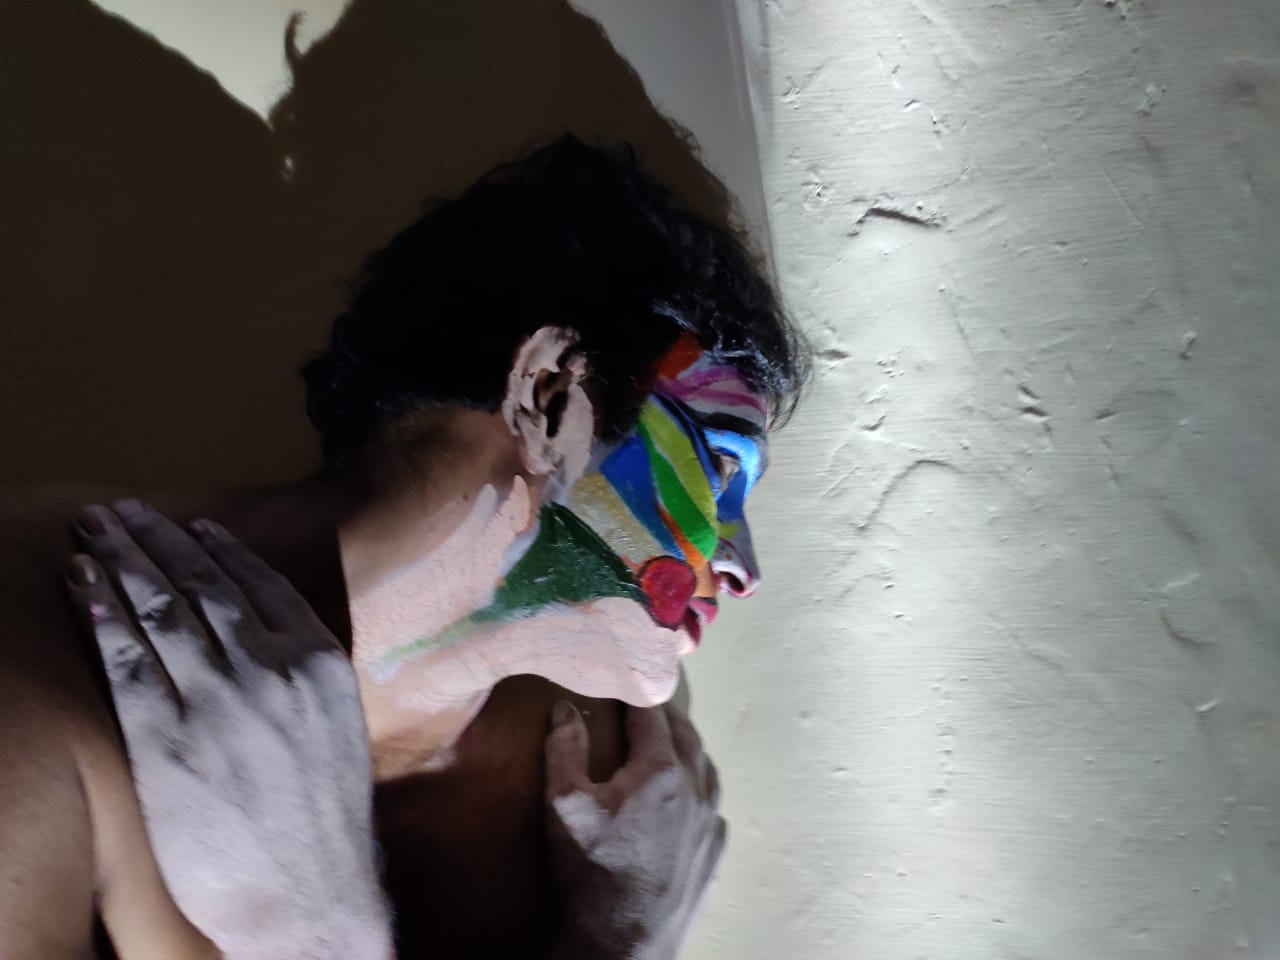 बेडि़यों को तोड़कर ही बन सकते हैं अच्छा रंगकर्मी-भारतेंदु कश्यप